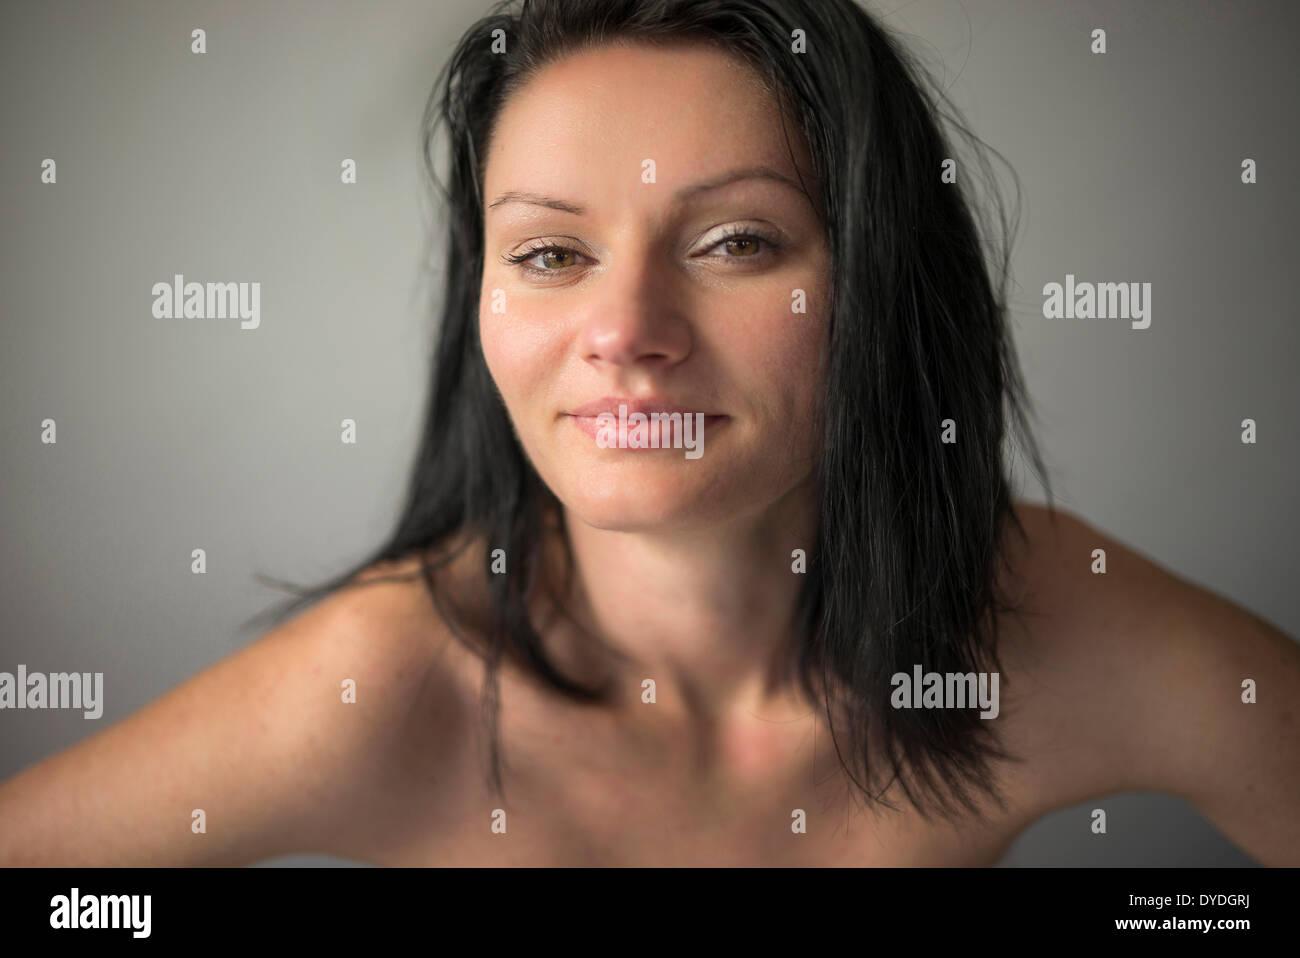 Belle femme avec des yeux noisette en studio. Photo Stock